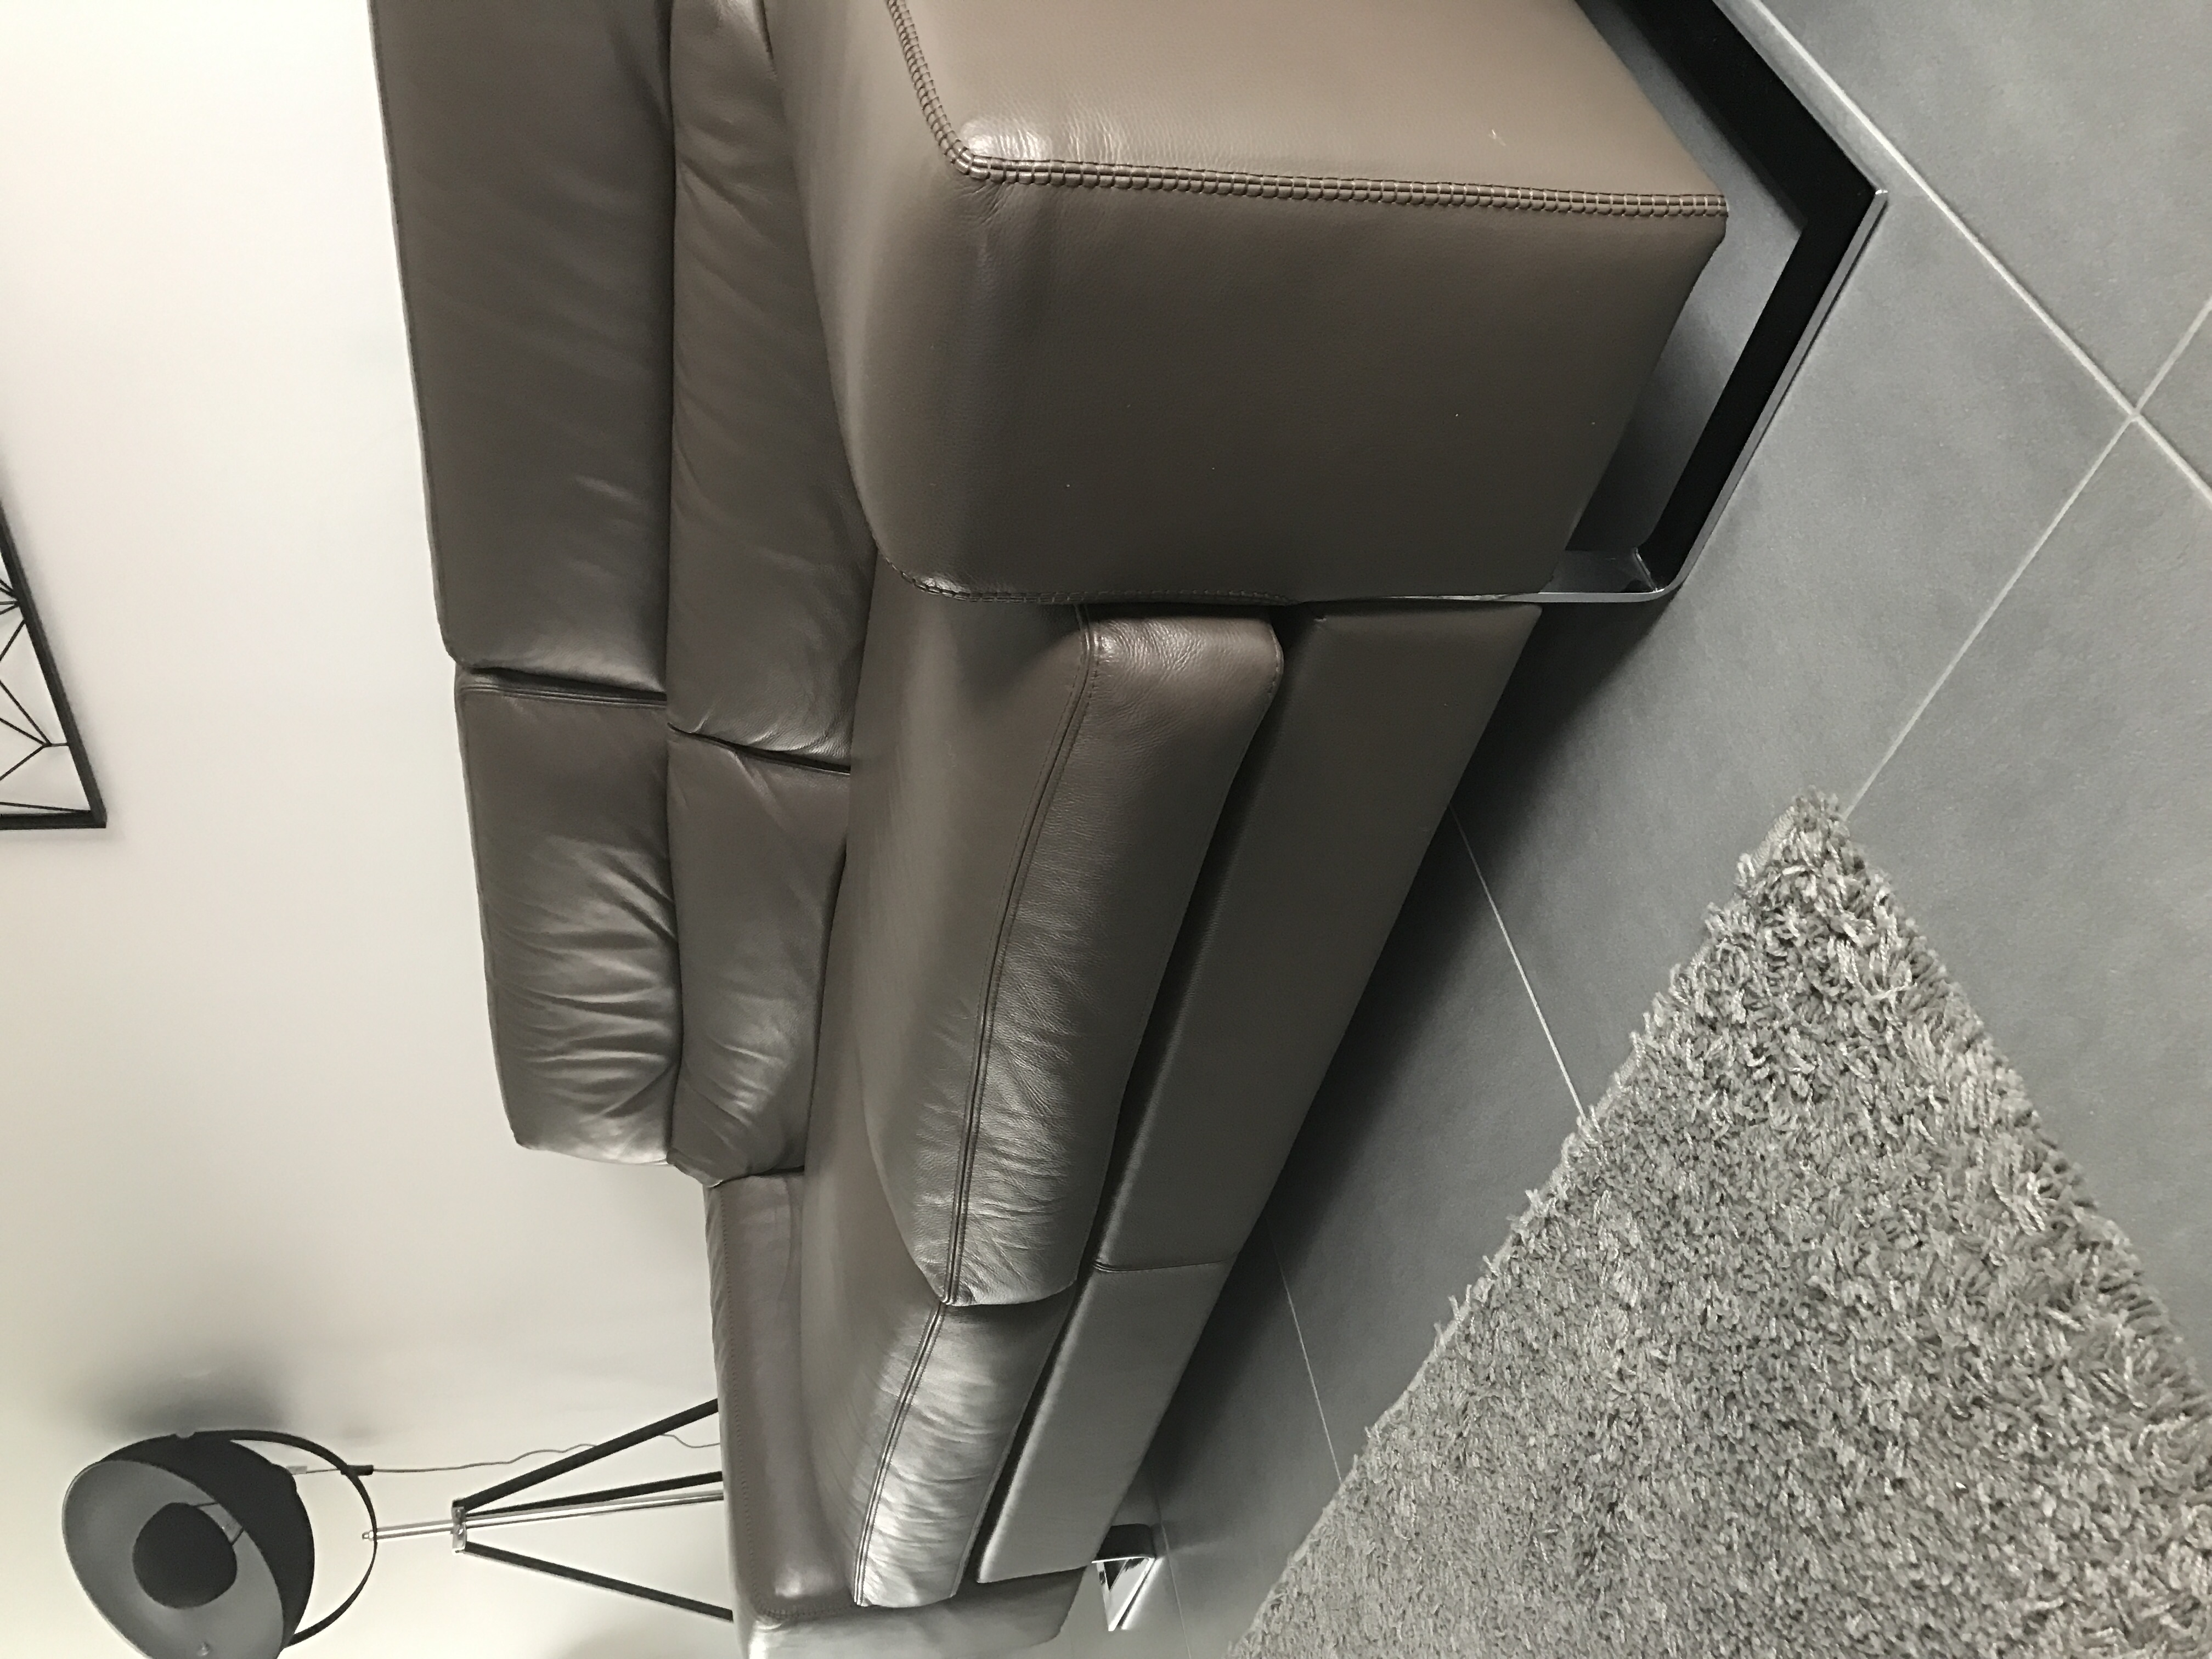 canap s occasion bry sur marne 94 annonces achat et vente de canap s paruvendu mondebarras. Black Bedroom Furniture Sets. Home Design Ideas